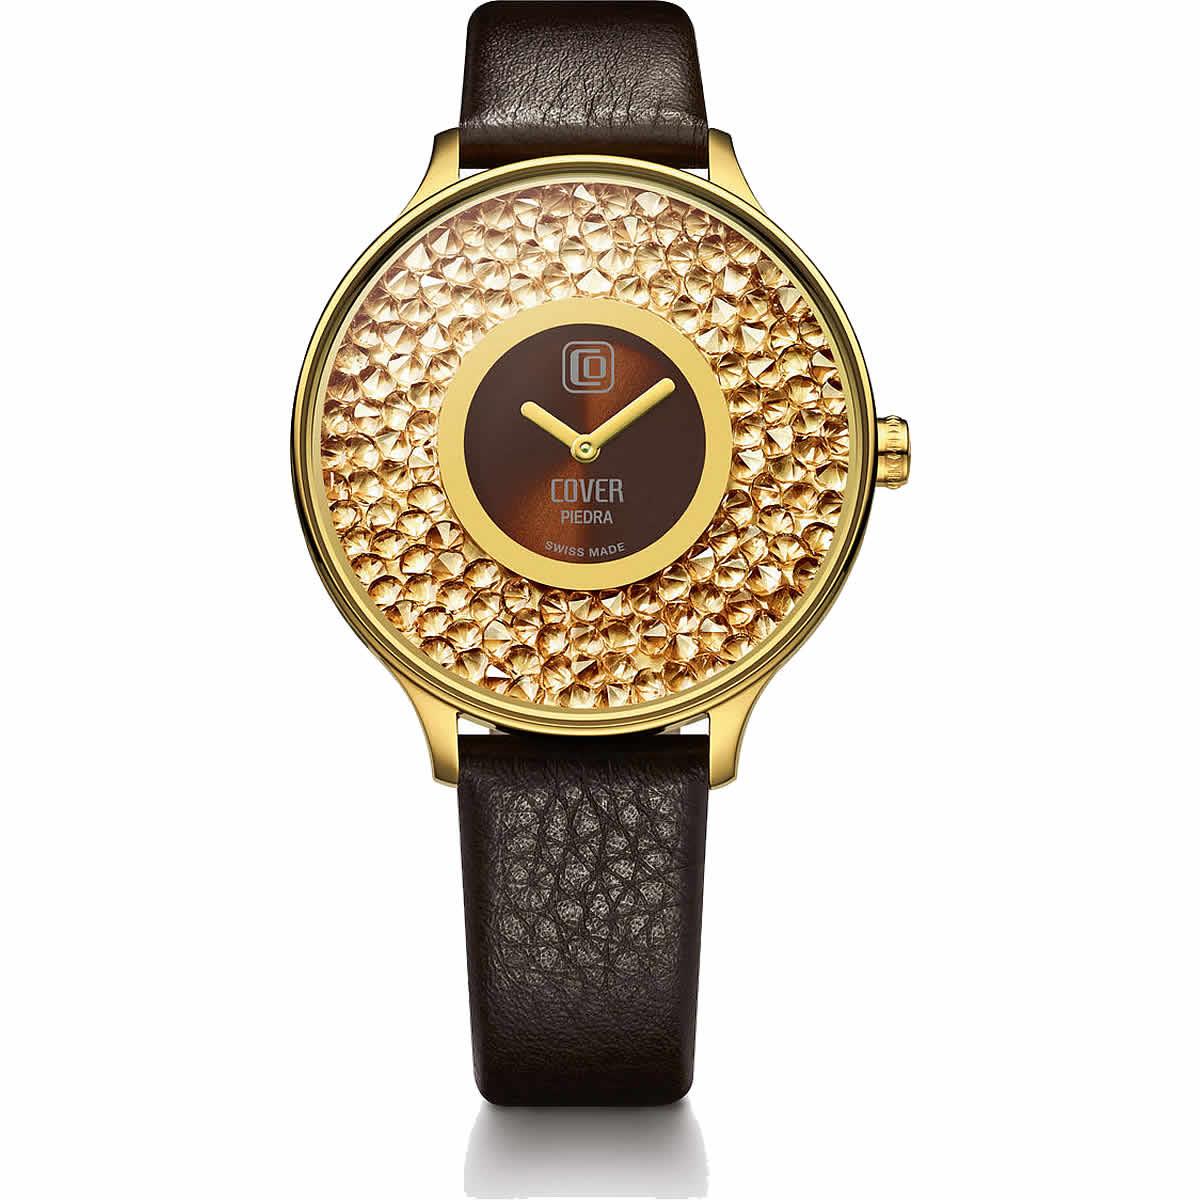 COVER(コヴァ) TREND PIEDRA CO158.06 ゴールド&ブラウン 女性用腕時計